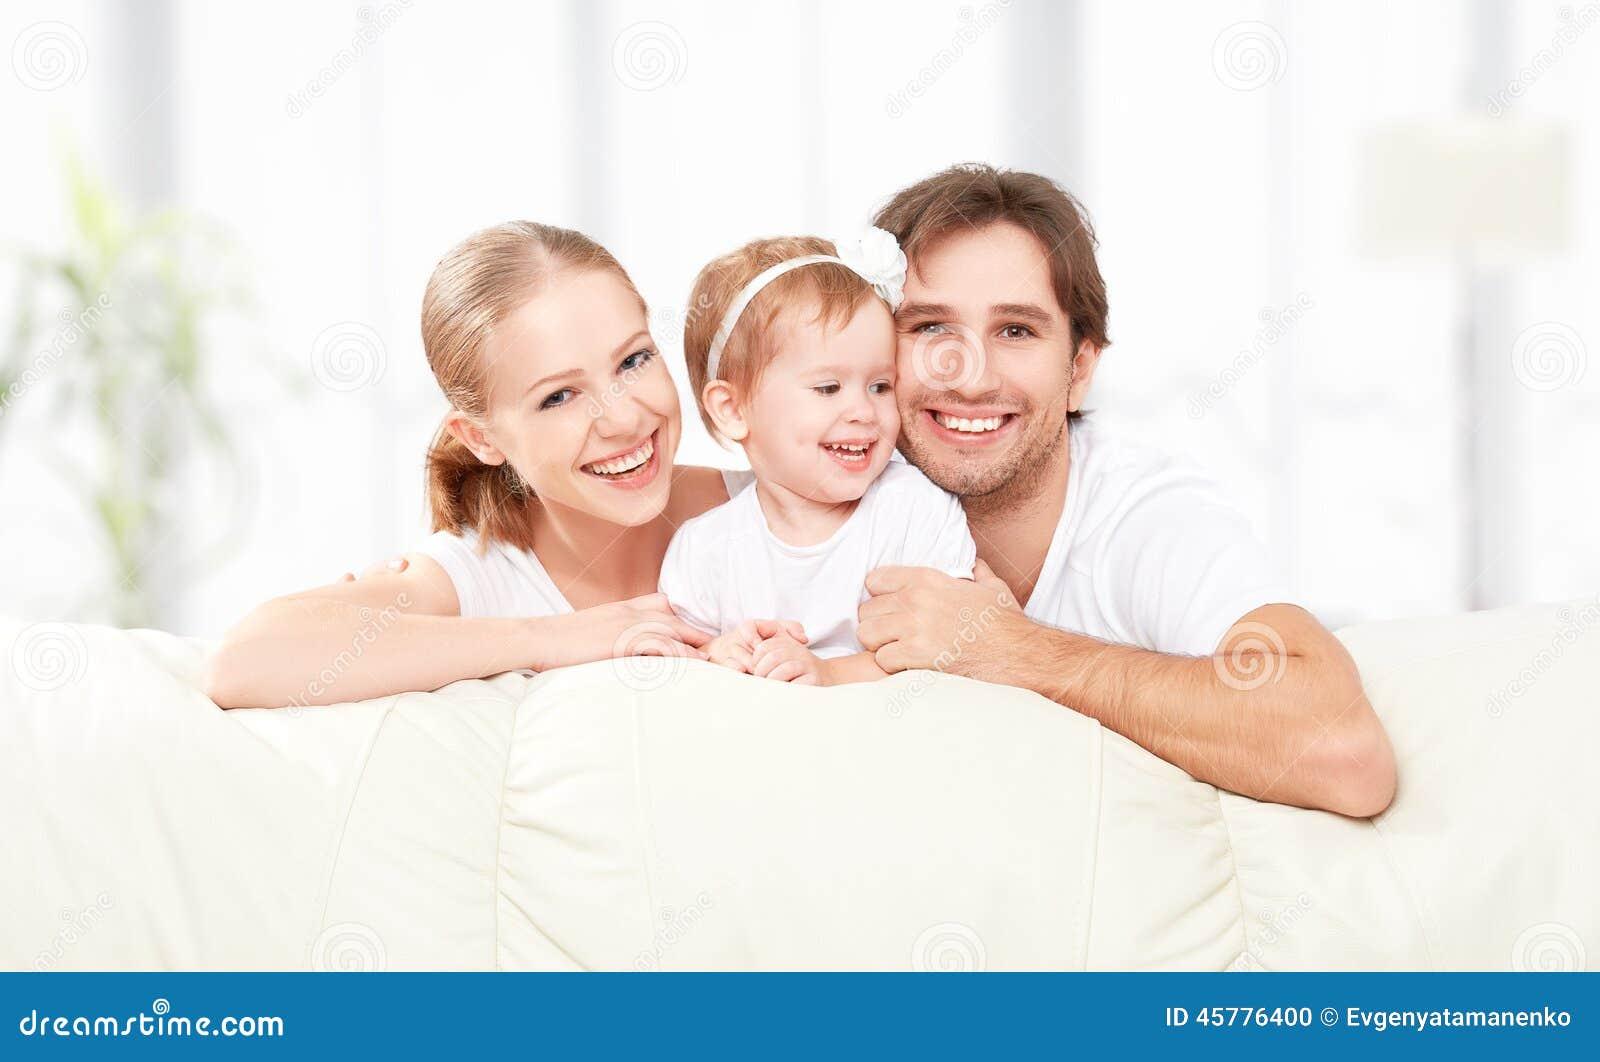 Руские отец и доч 6 фотография